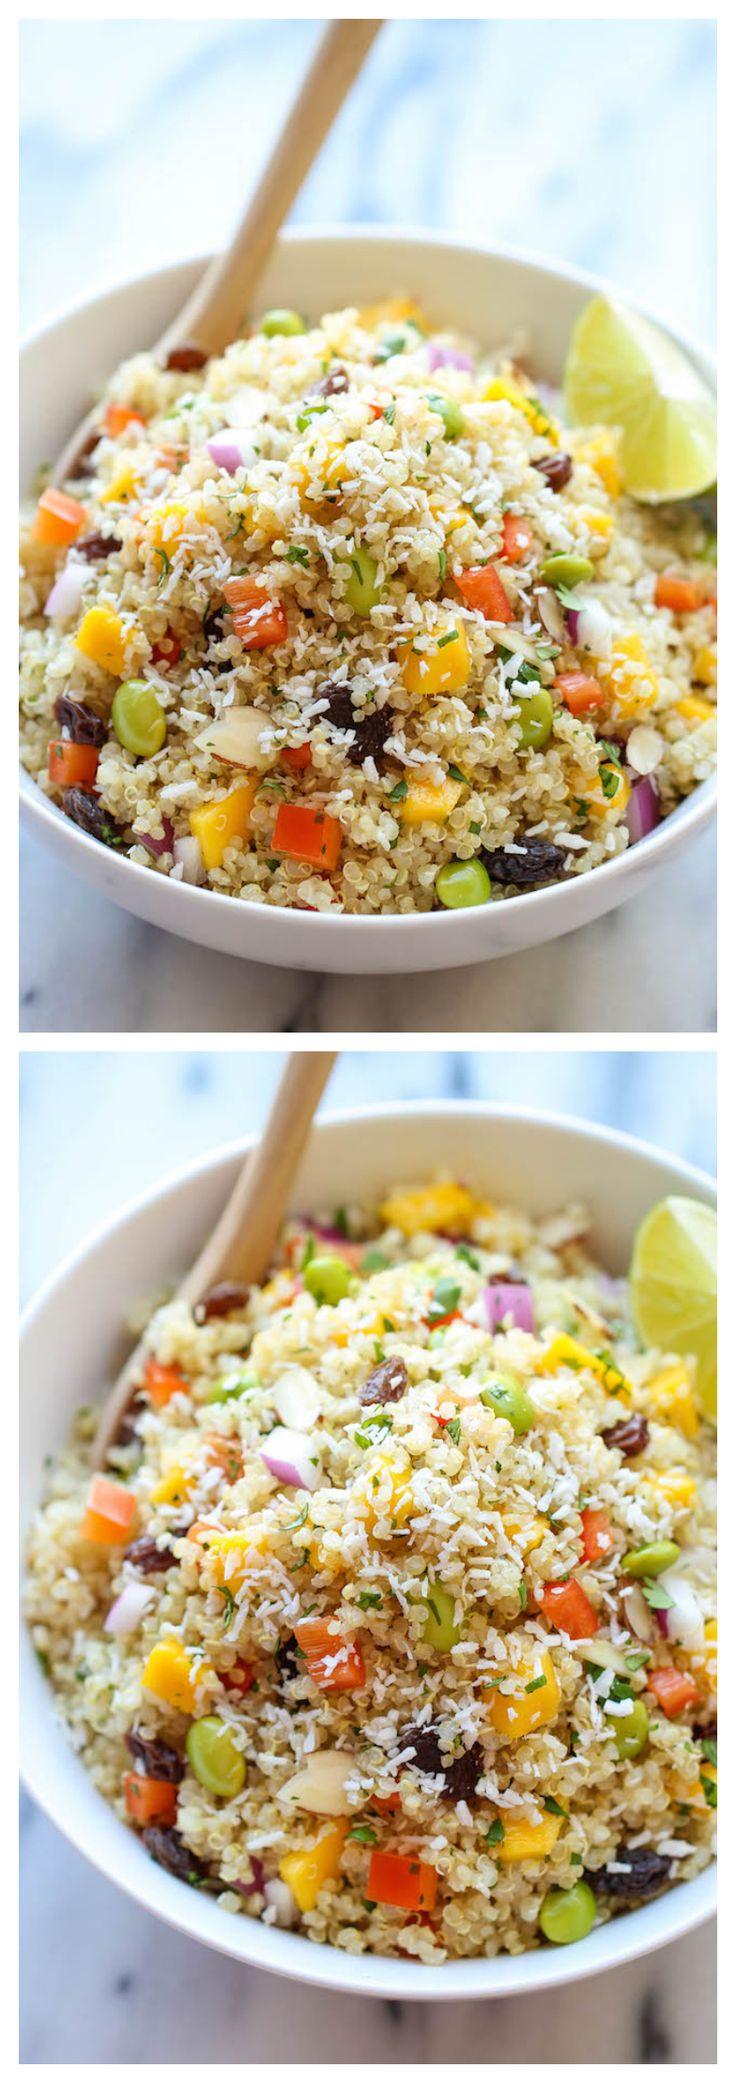 Whole Food's California Quinoa Salad